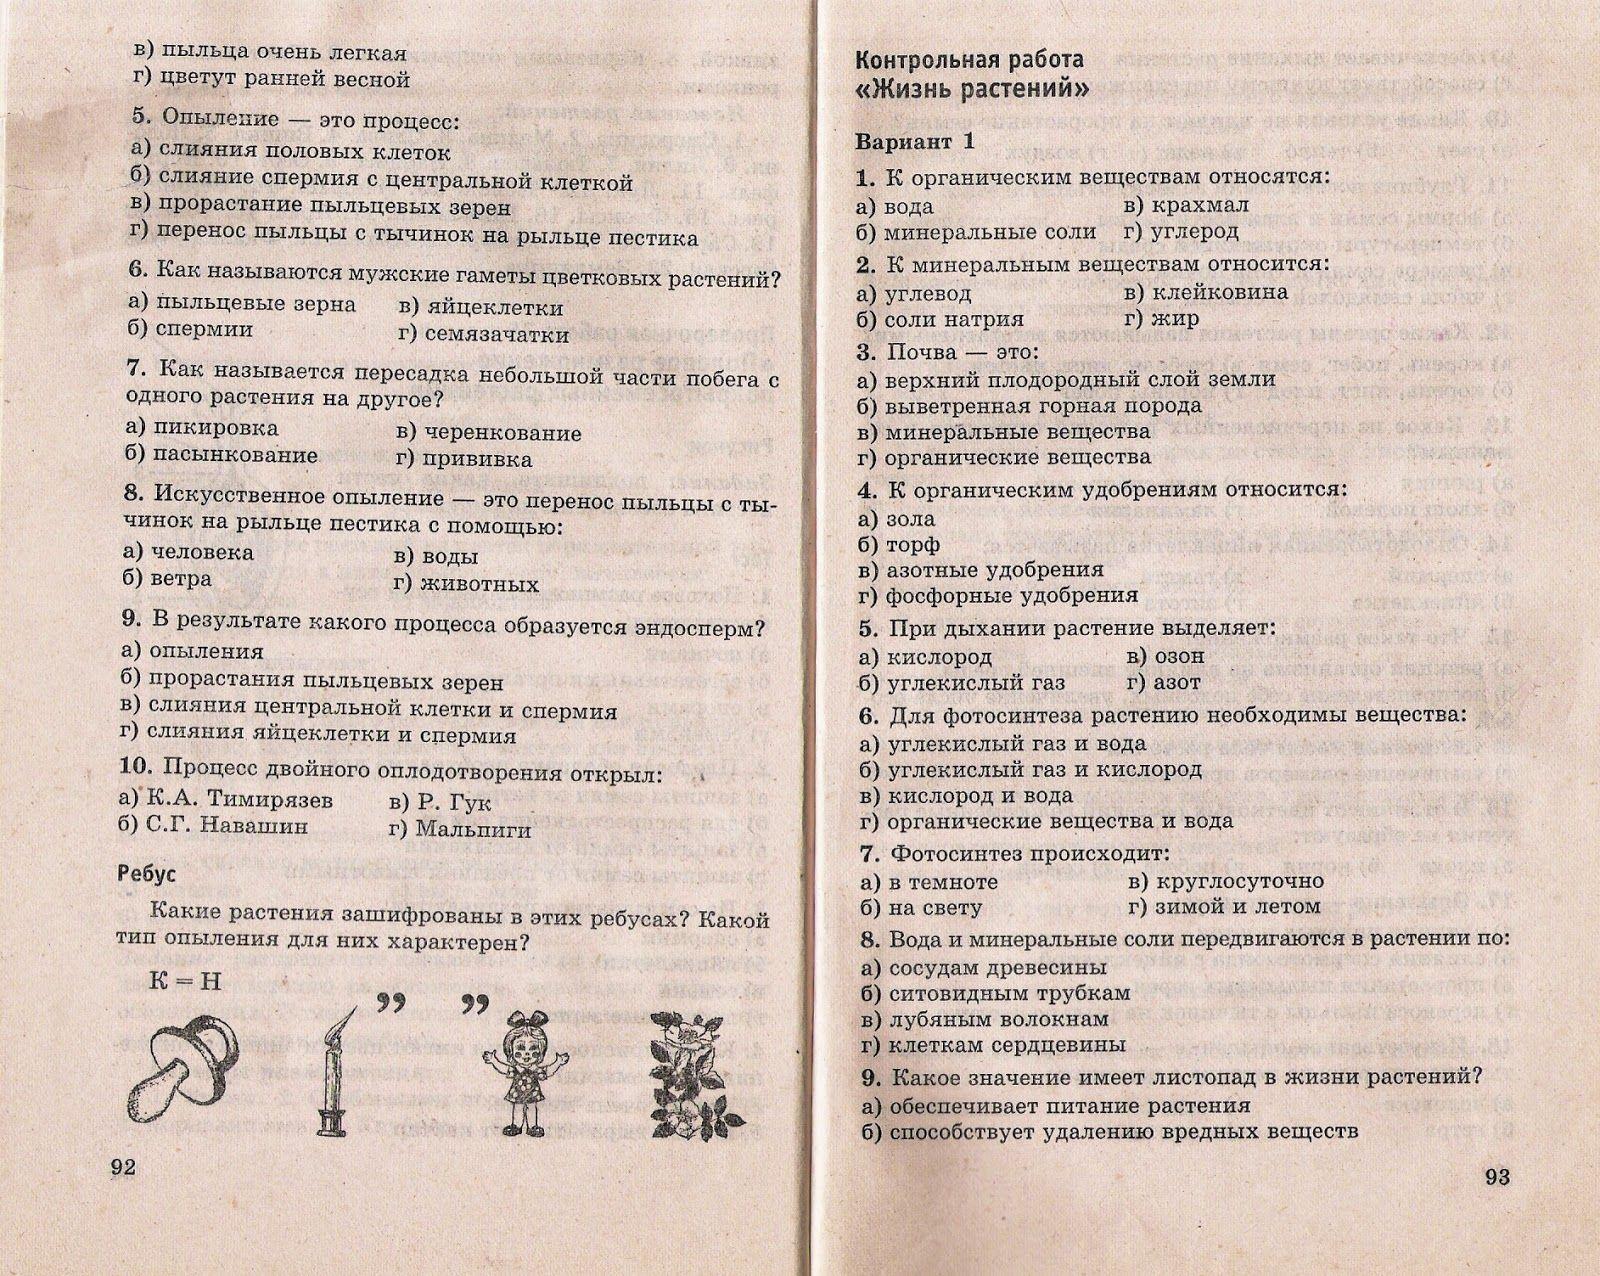 Тест по биологии 6 класс